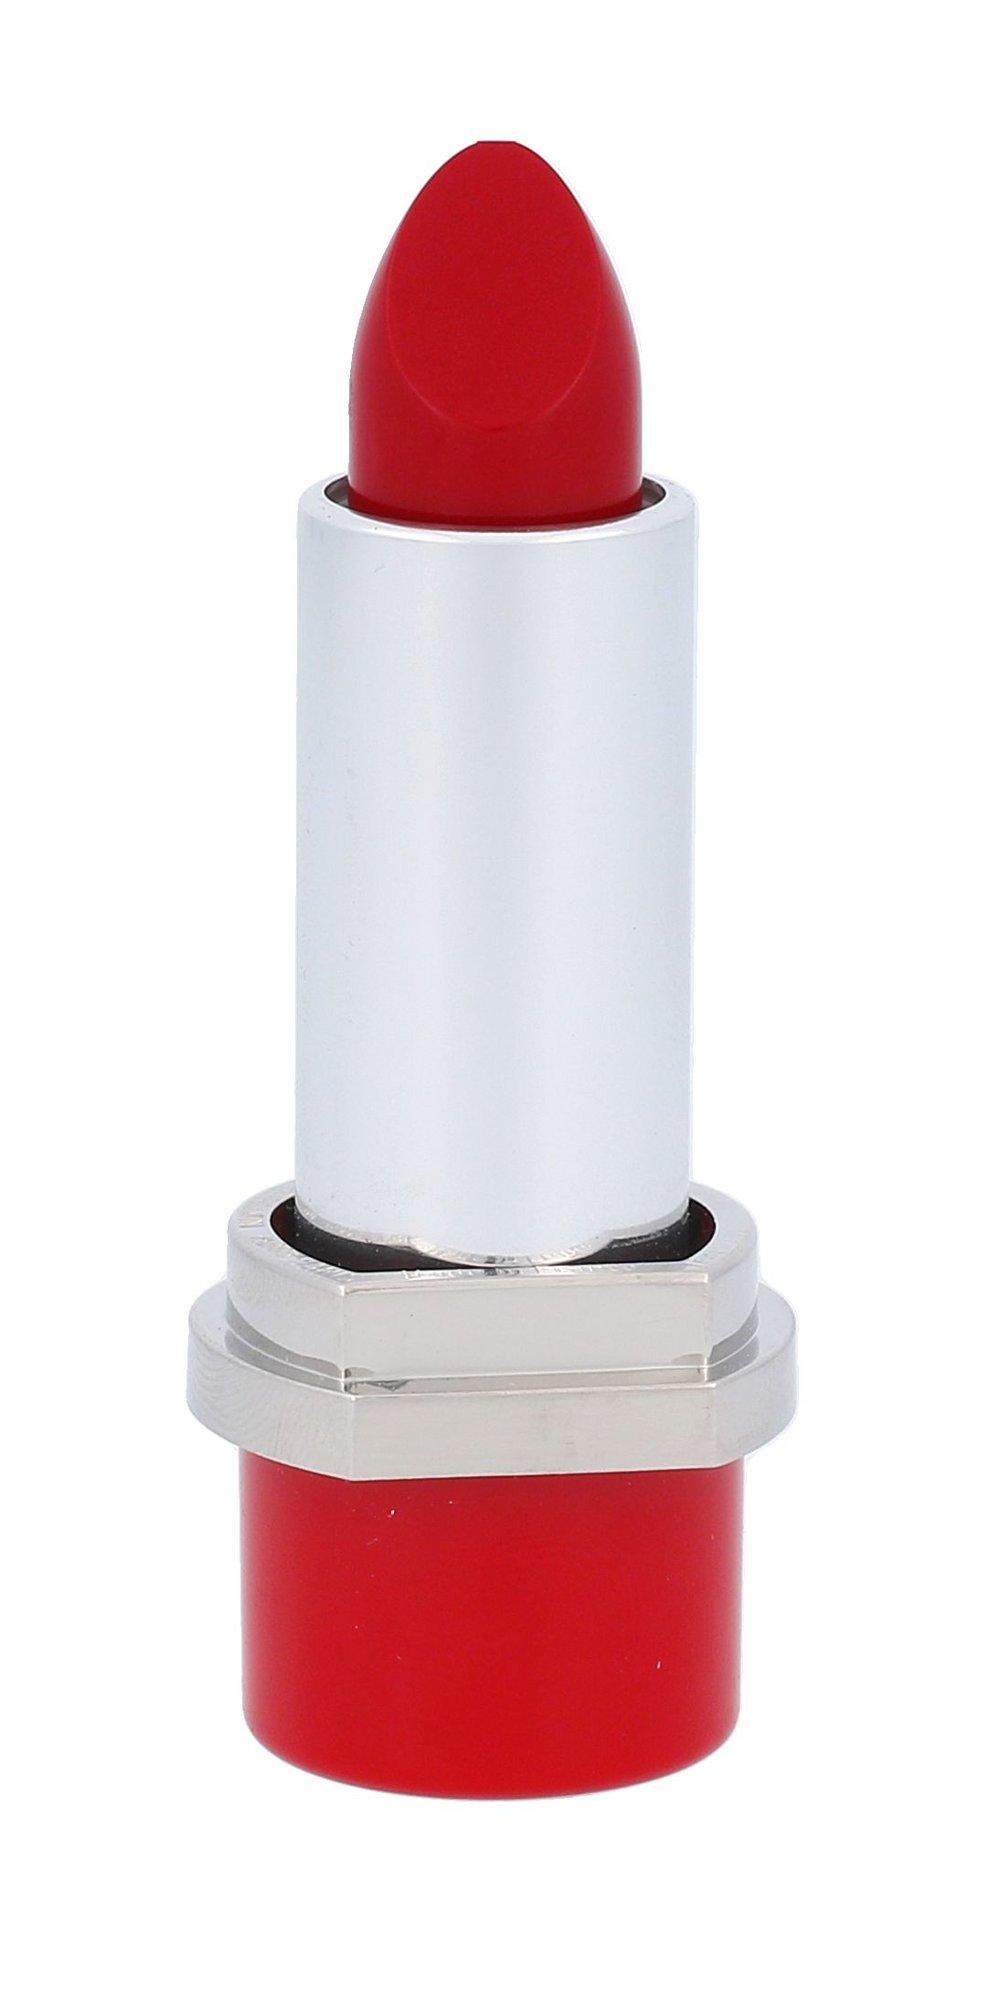 Guerlain Rouge G De Guerlain Cosmetic 3,5ml 25 Garconne